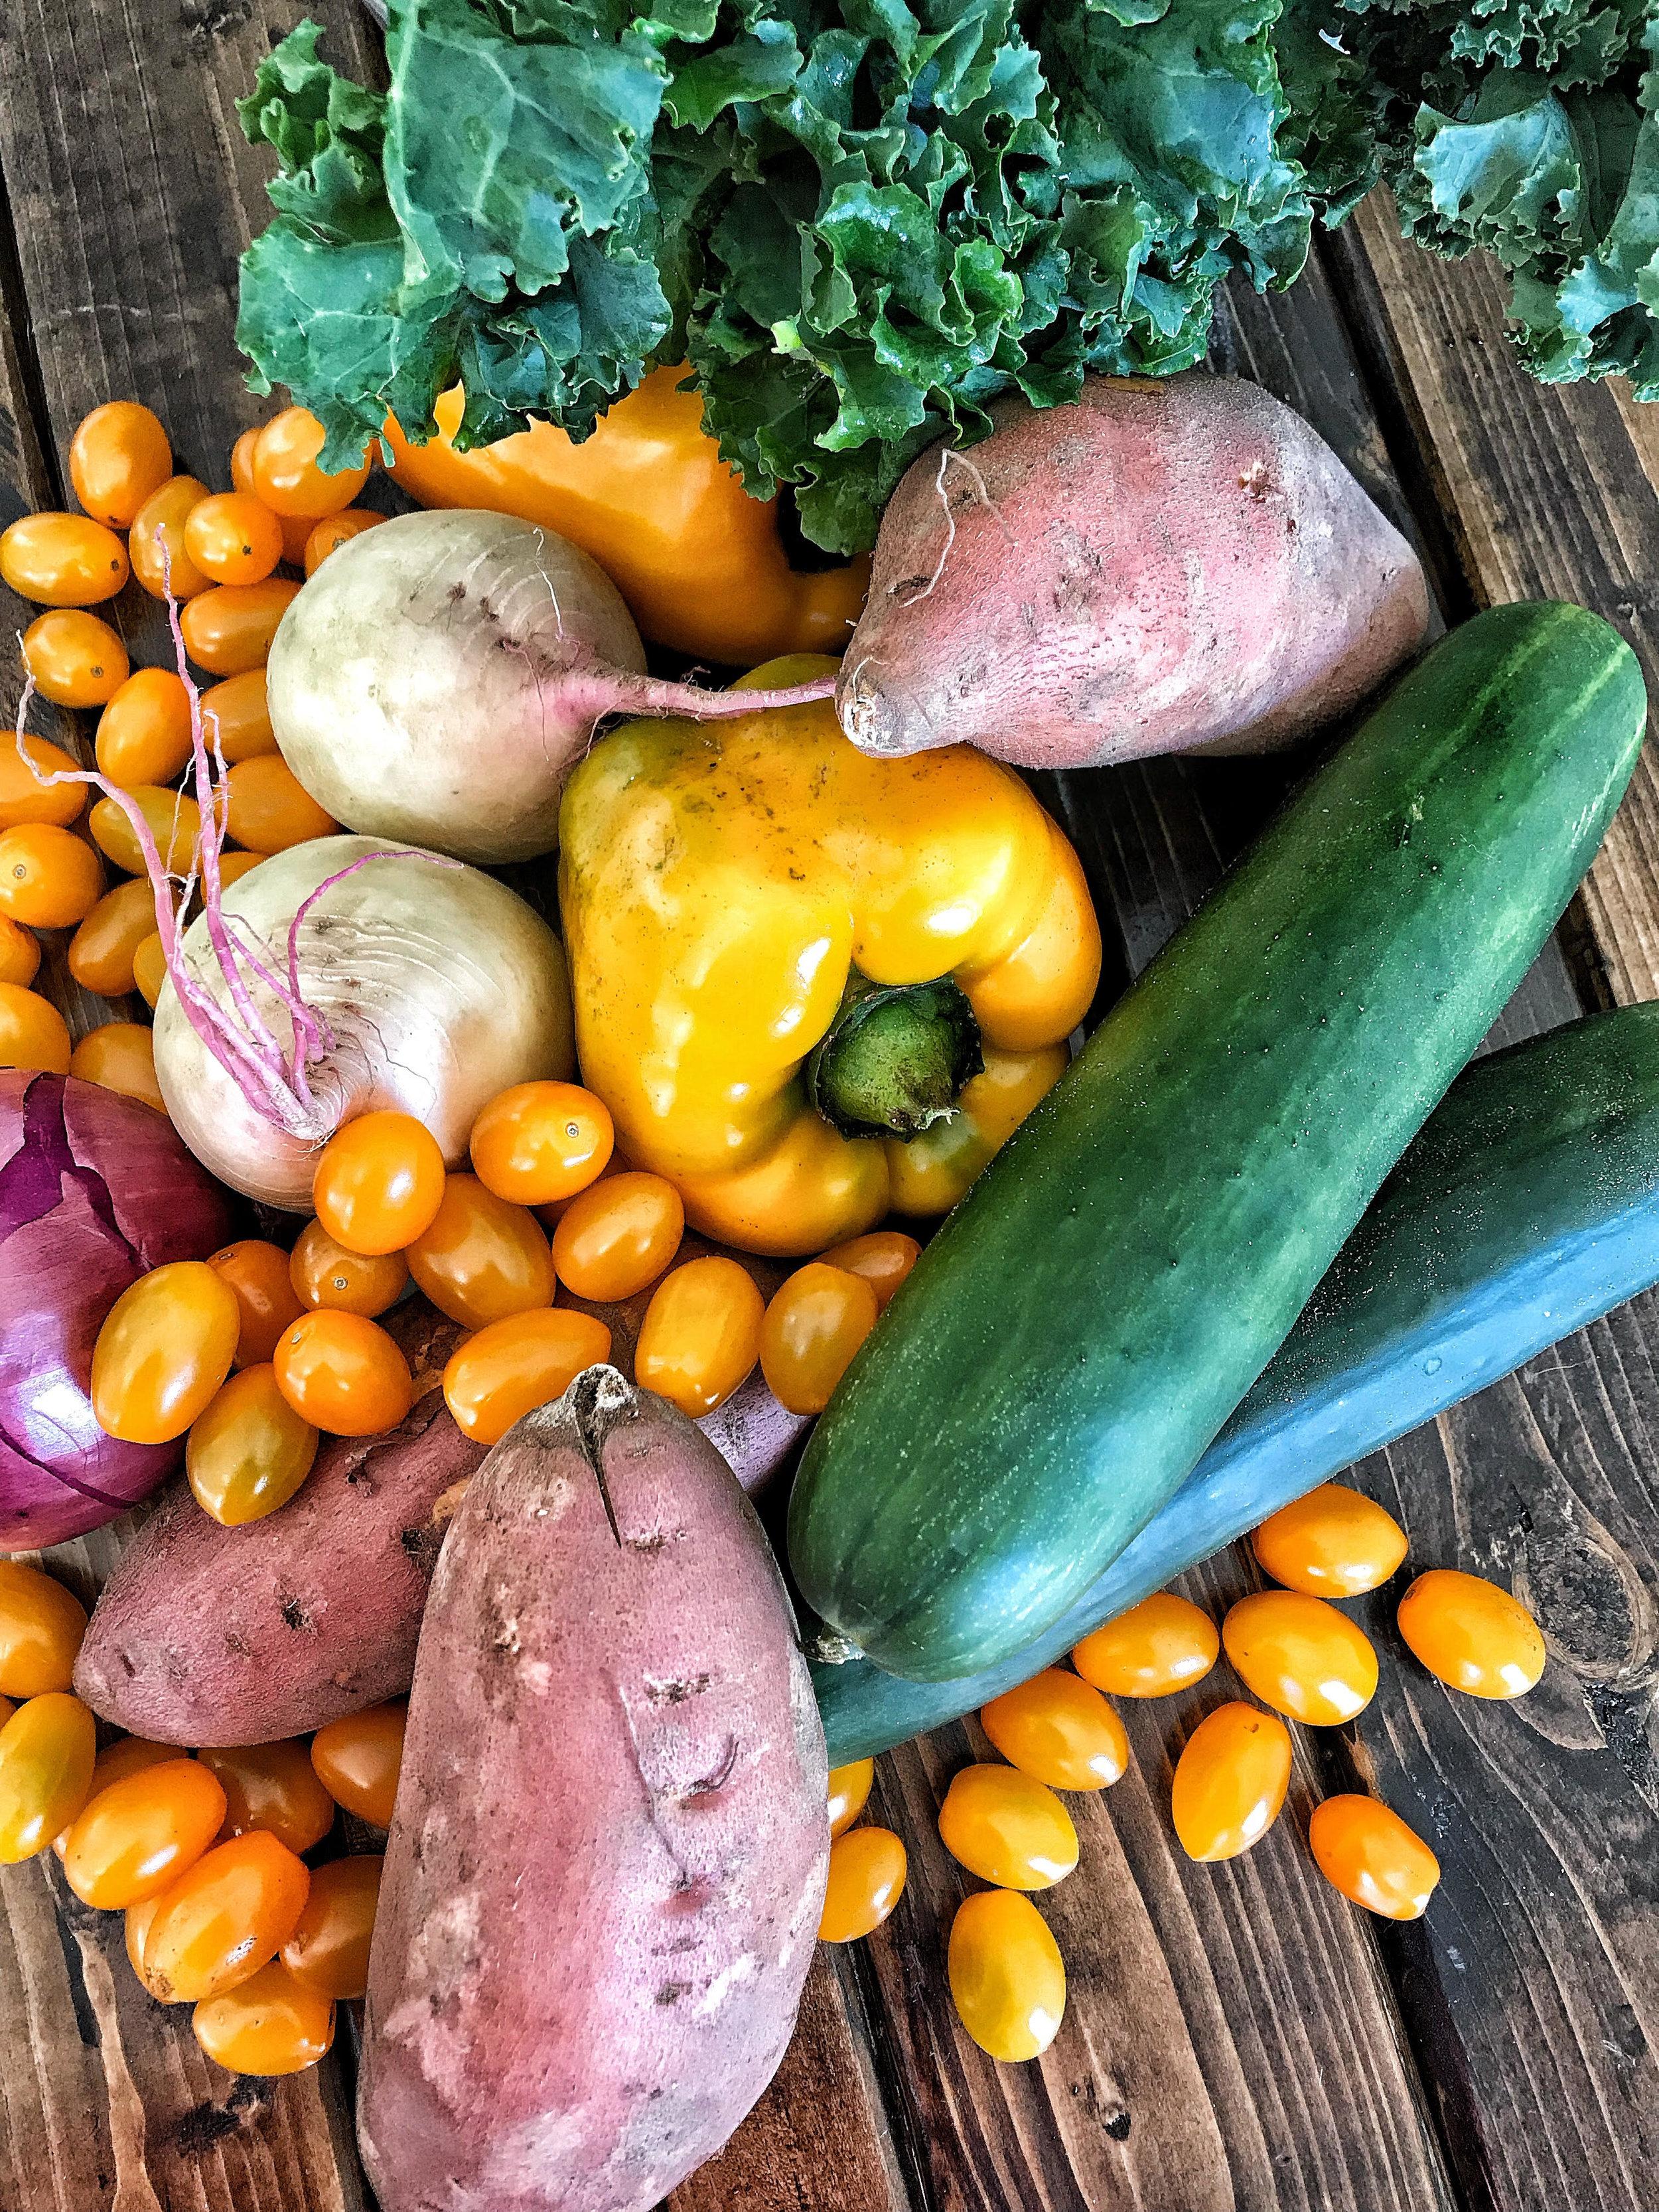 Farmers Market Haul.jpg